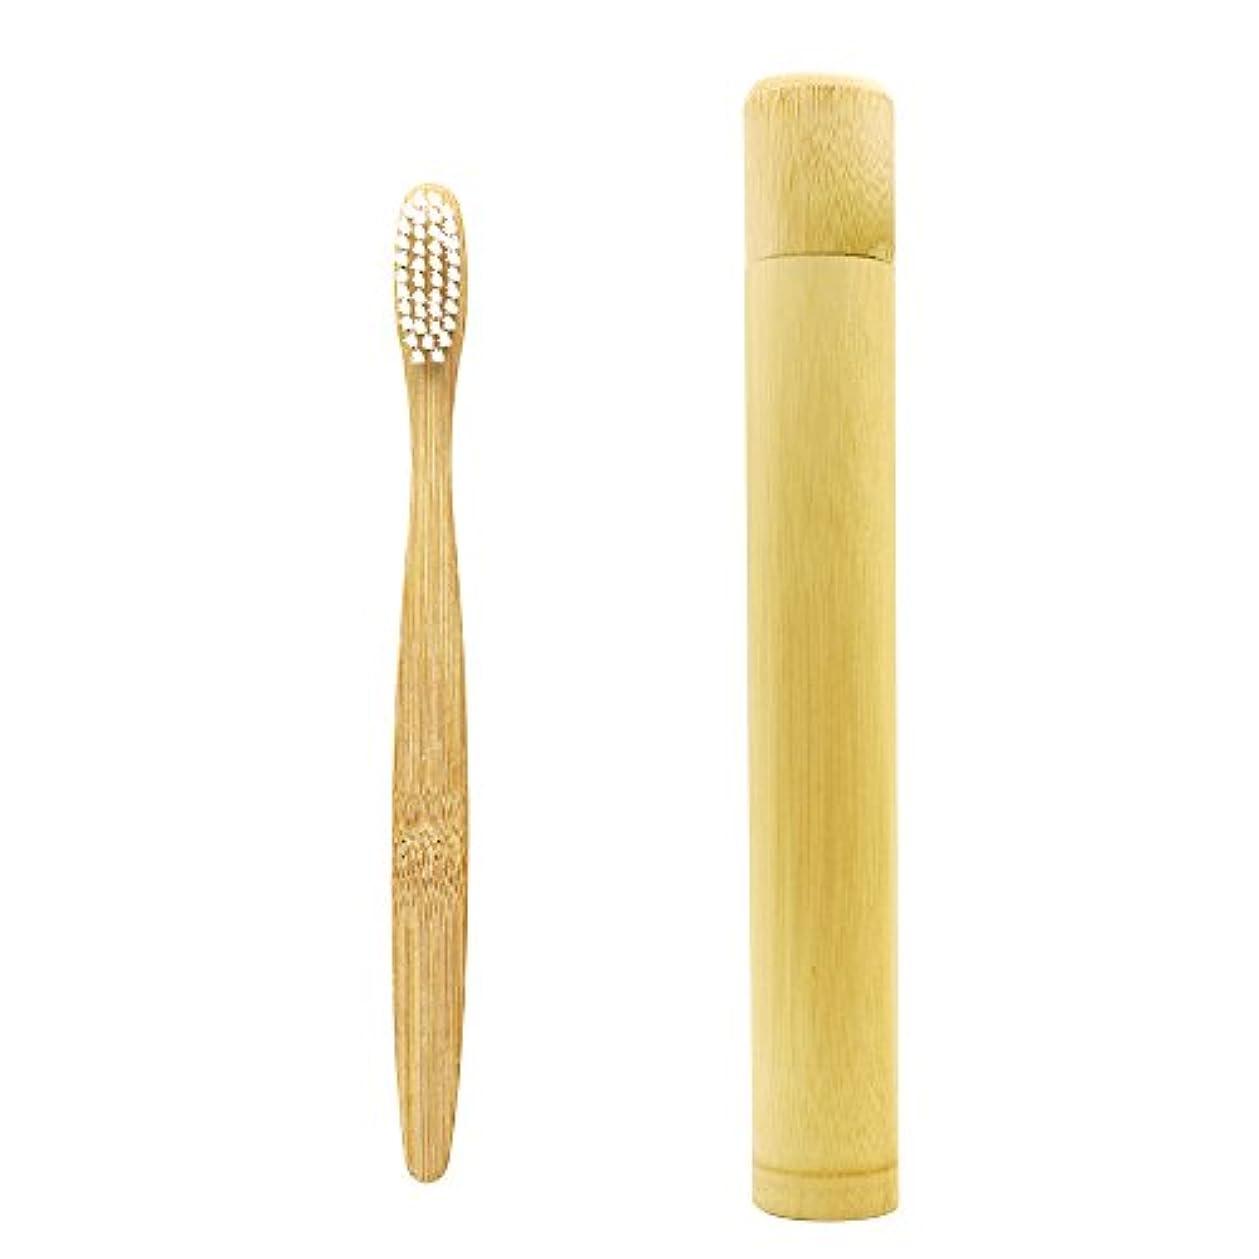 遠いバリケード不均一N-amboo 竹製耐久度高い 白い歯ブラシ 携帯用 ケース付き セット 軽量 携帯便利 出張旅行